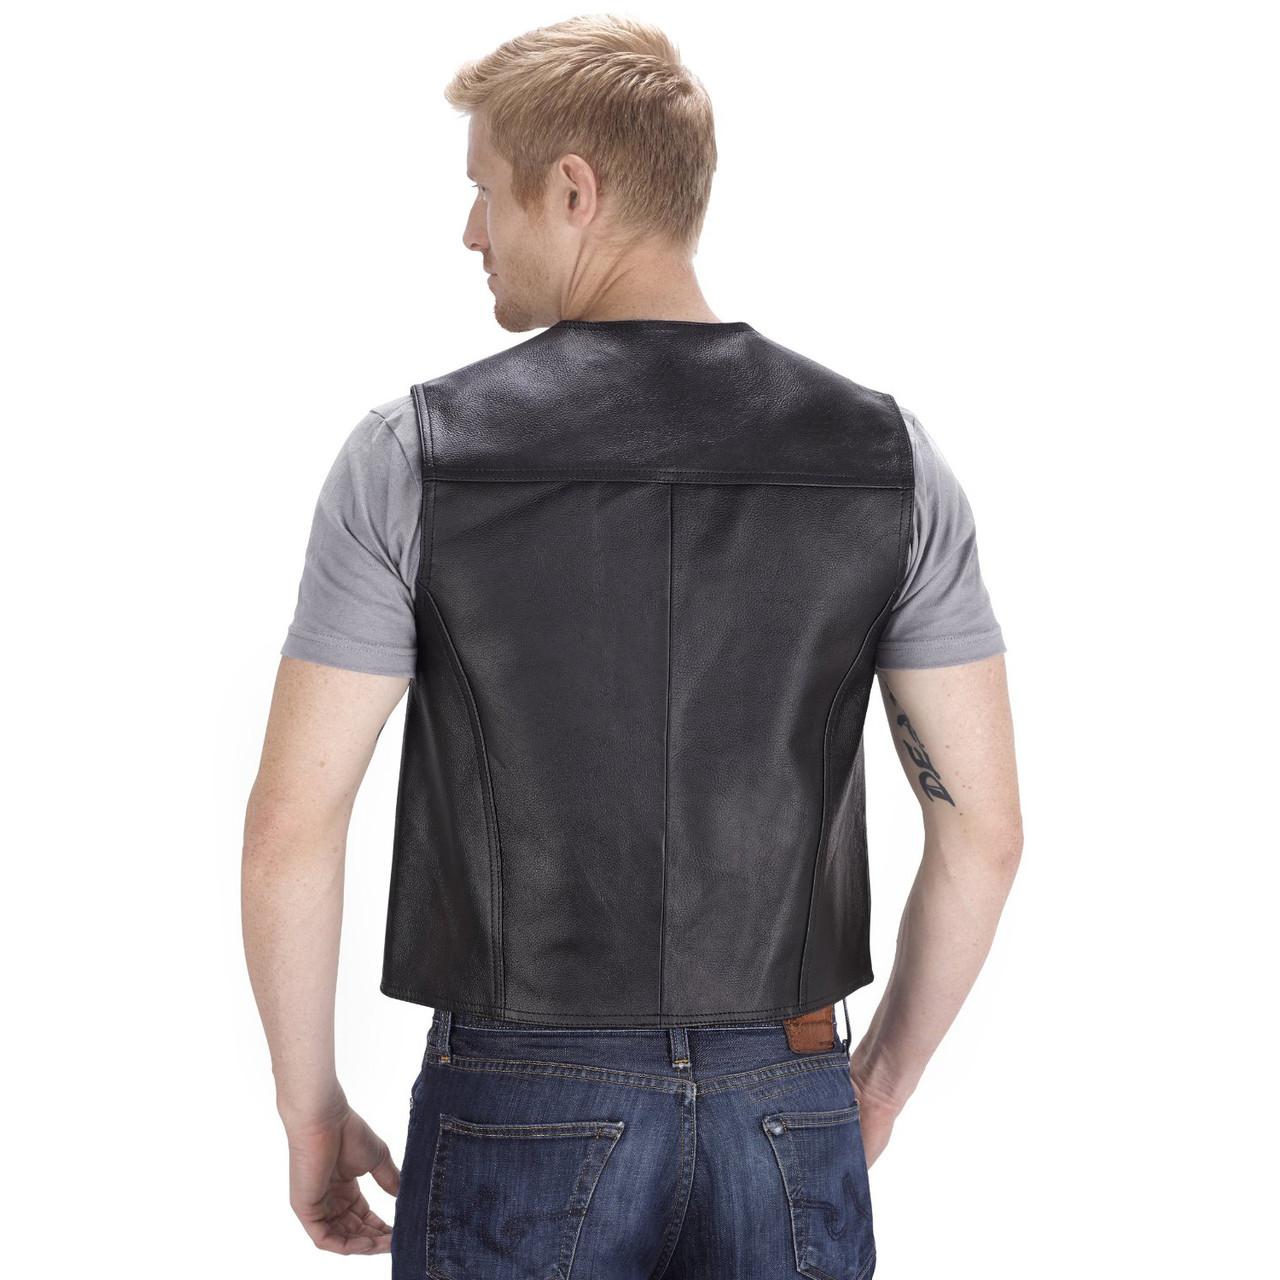 VikingCycle Raider Motorcycle Vest for Men Back Side